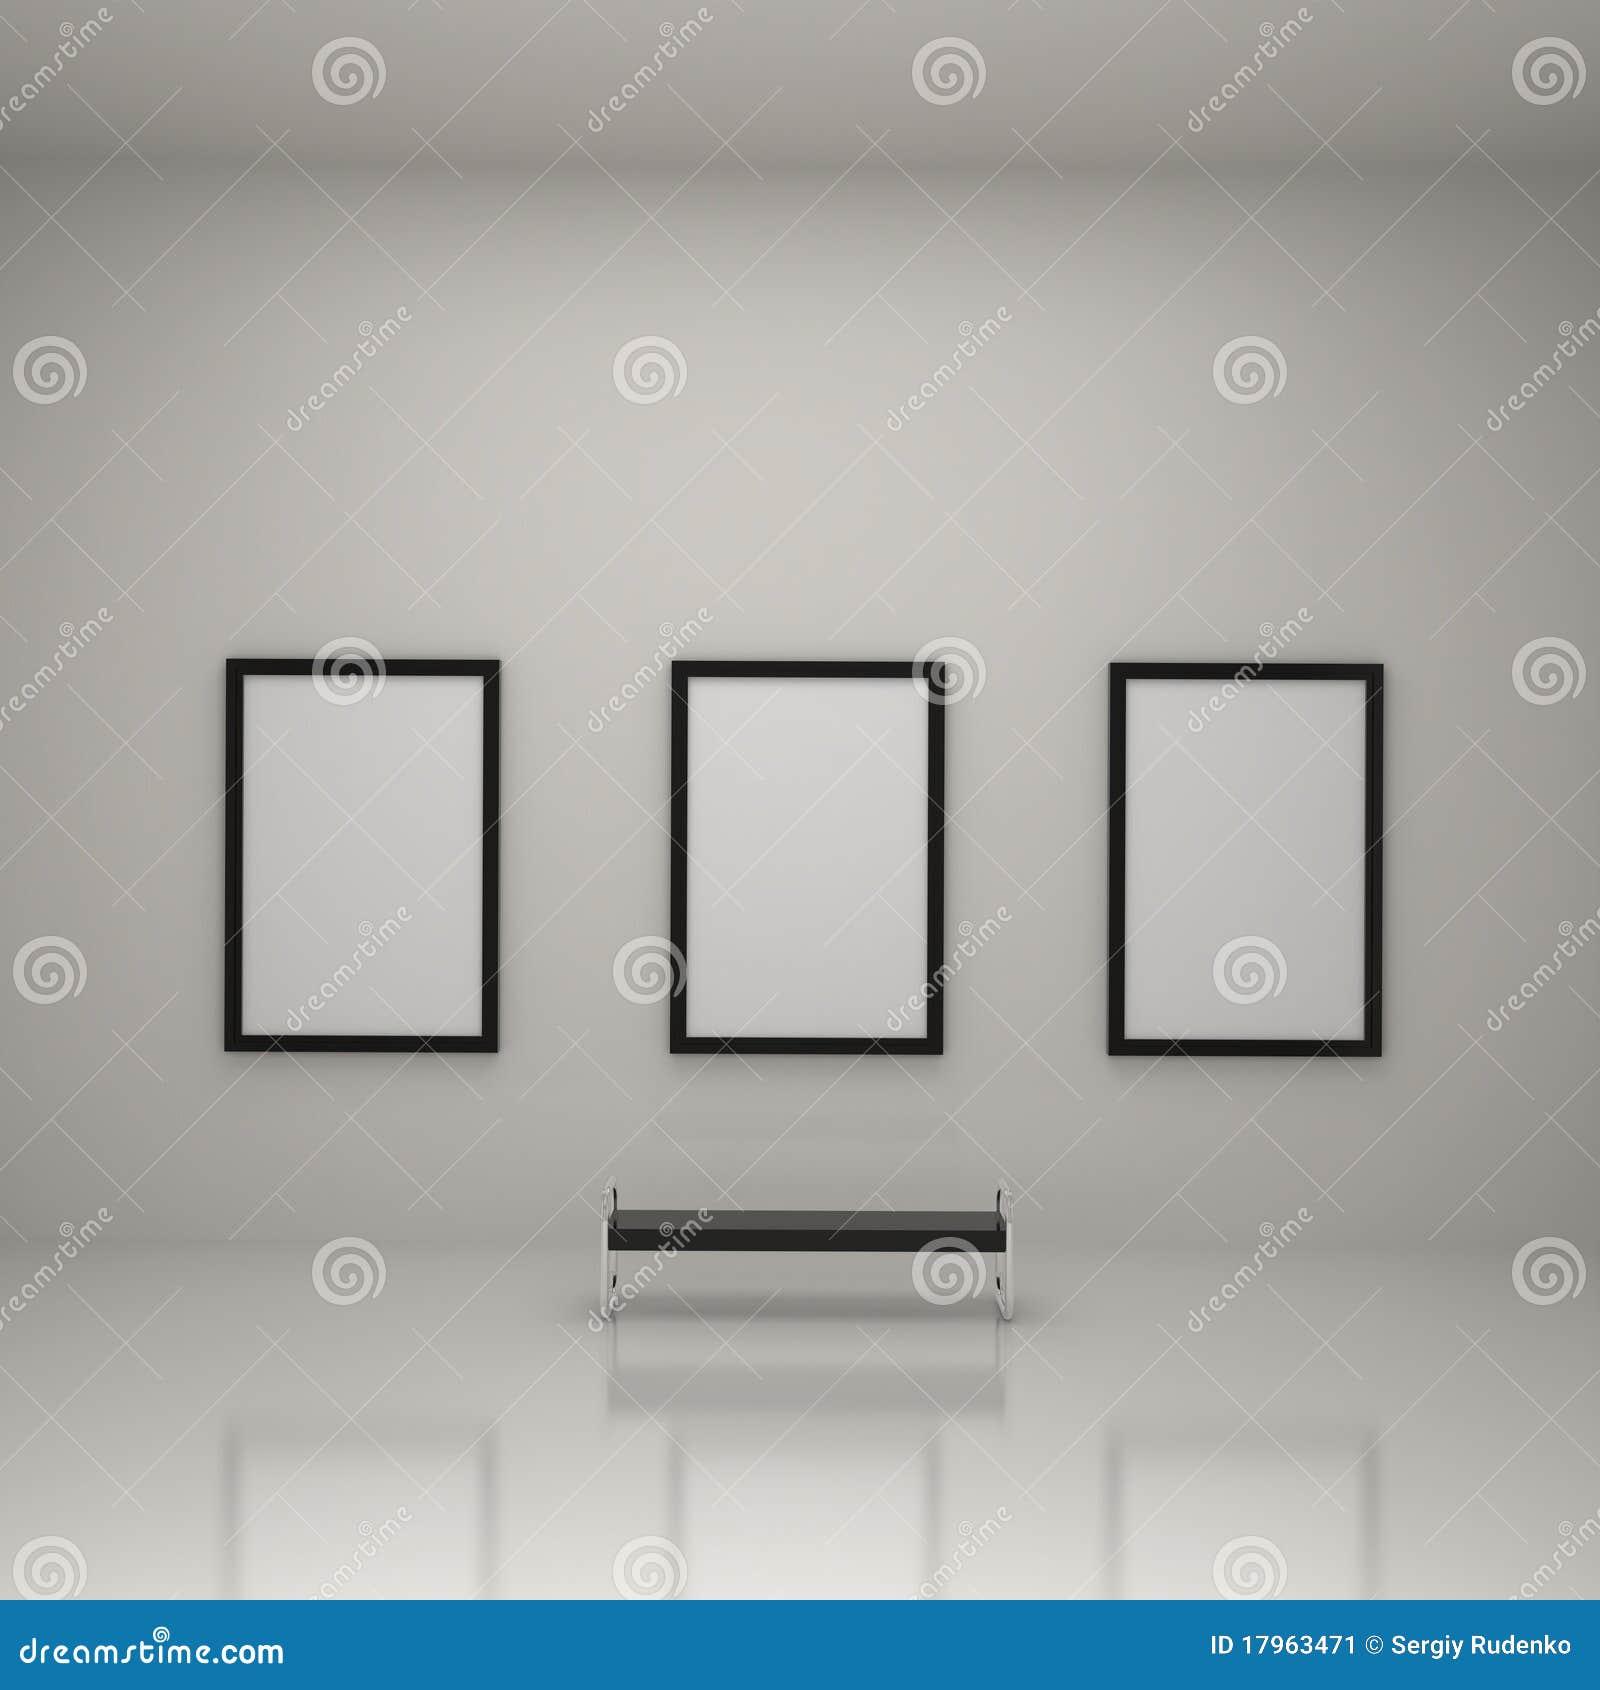 在绘画里面的美术画廊图片